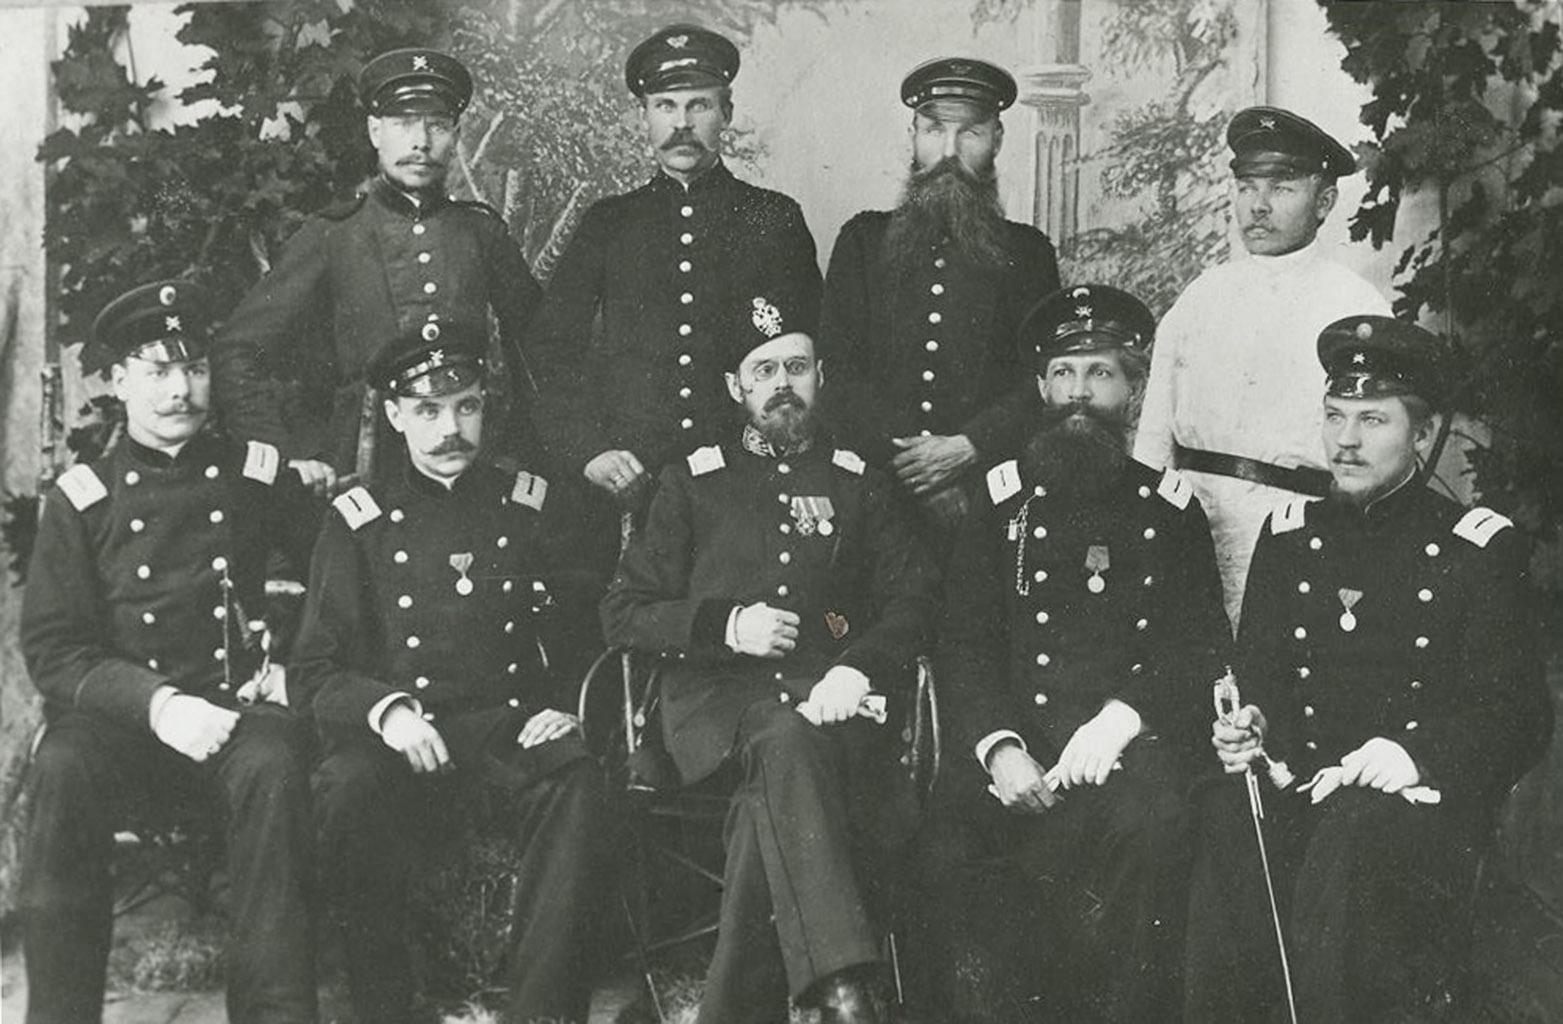 4.Haapsalu postkontorii töötajad, esireas postiljonid , 1885